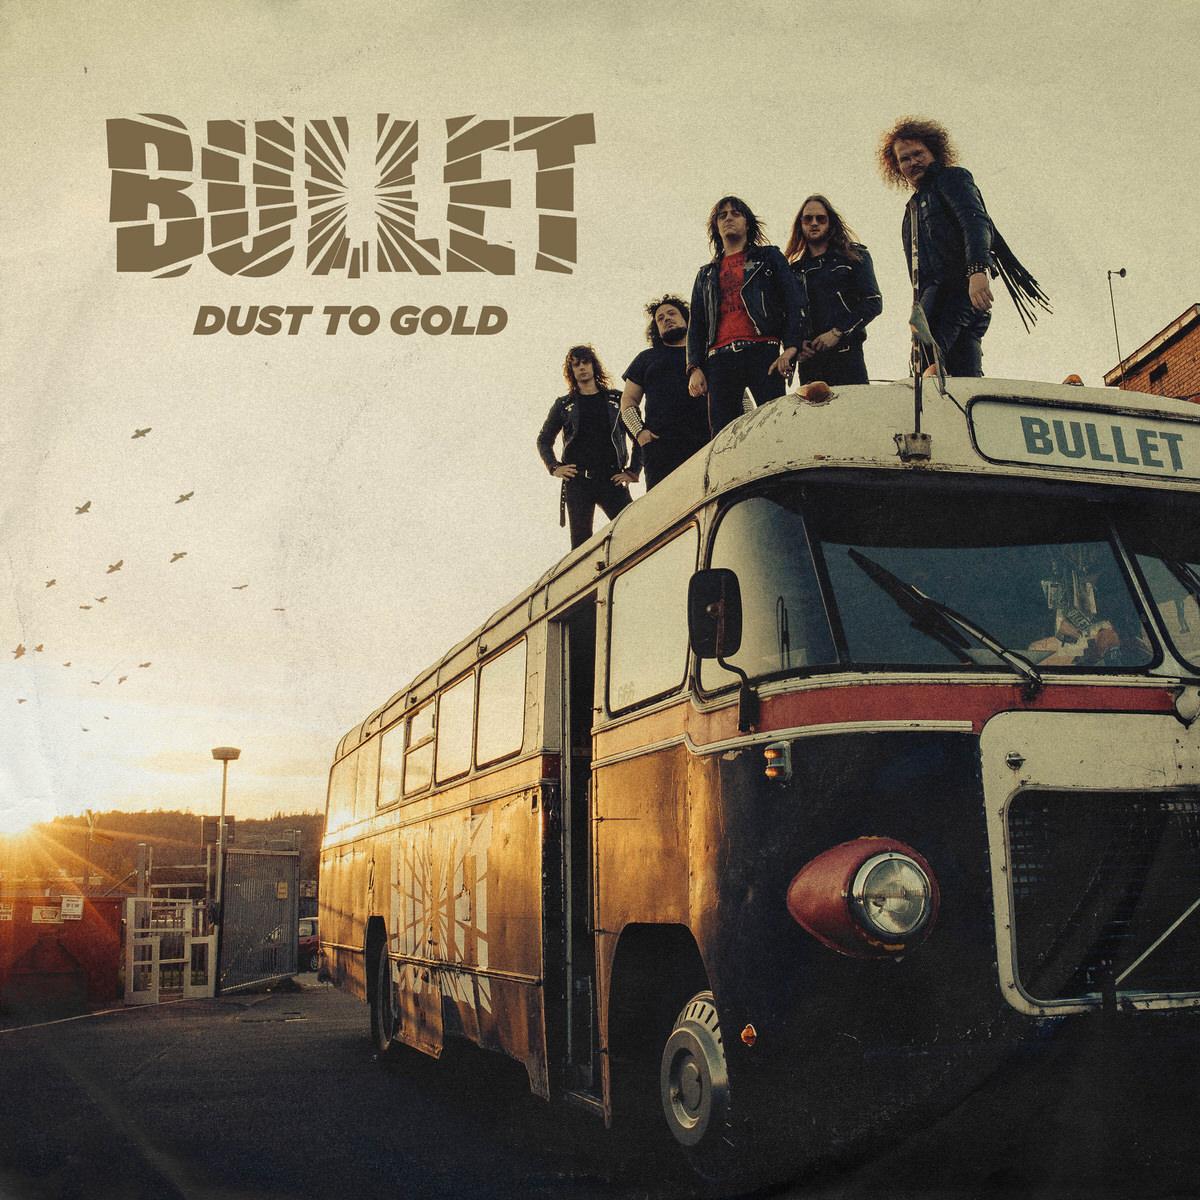 Bullet_DustToGold_3000px.jpg